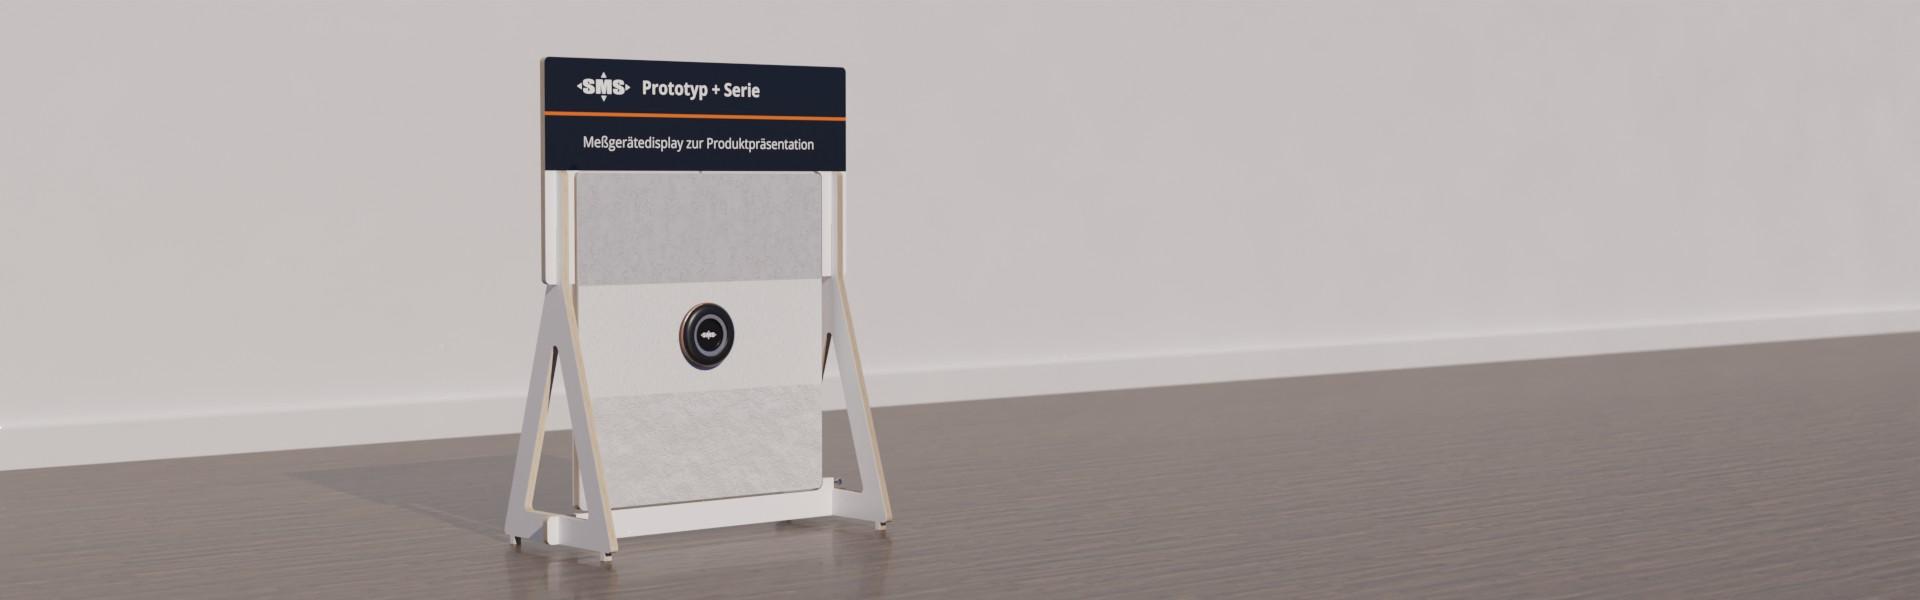 Display zur Produktpräsentation eines Lasermeßgerätes